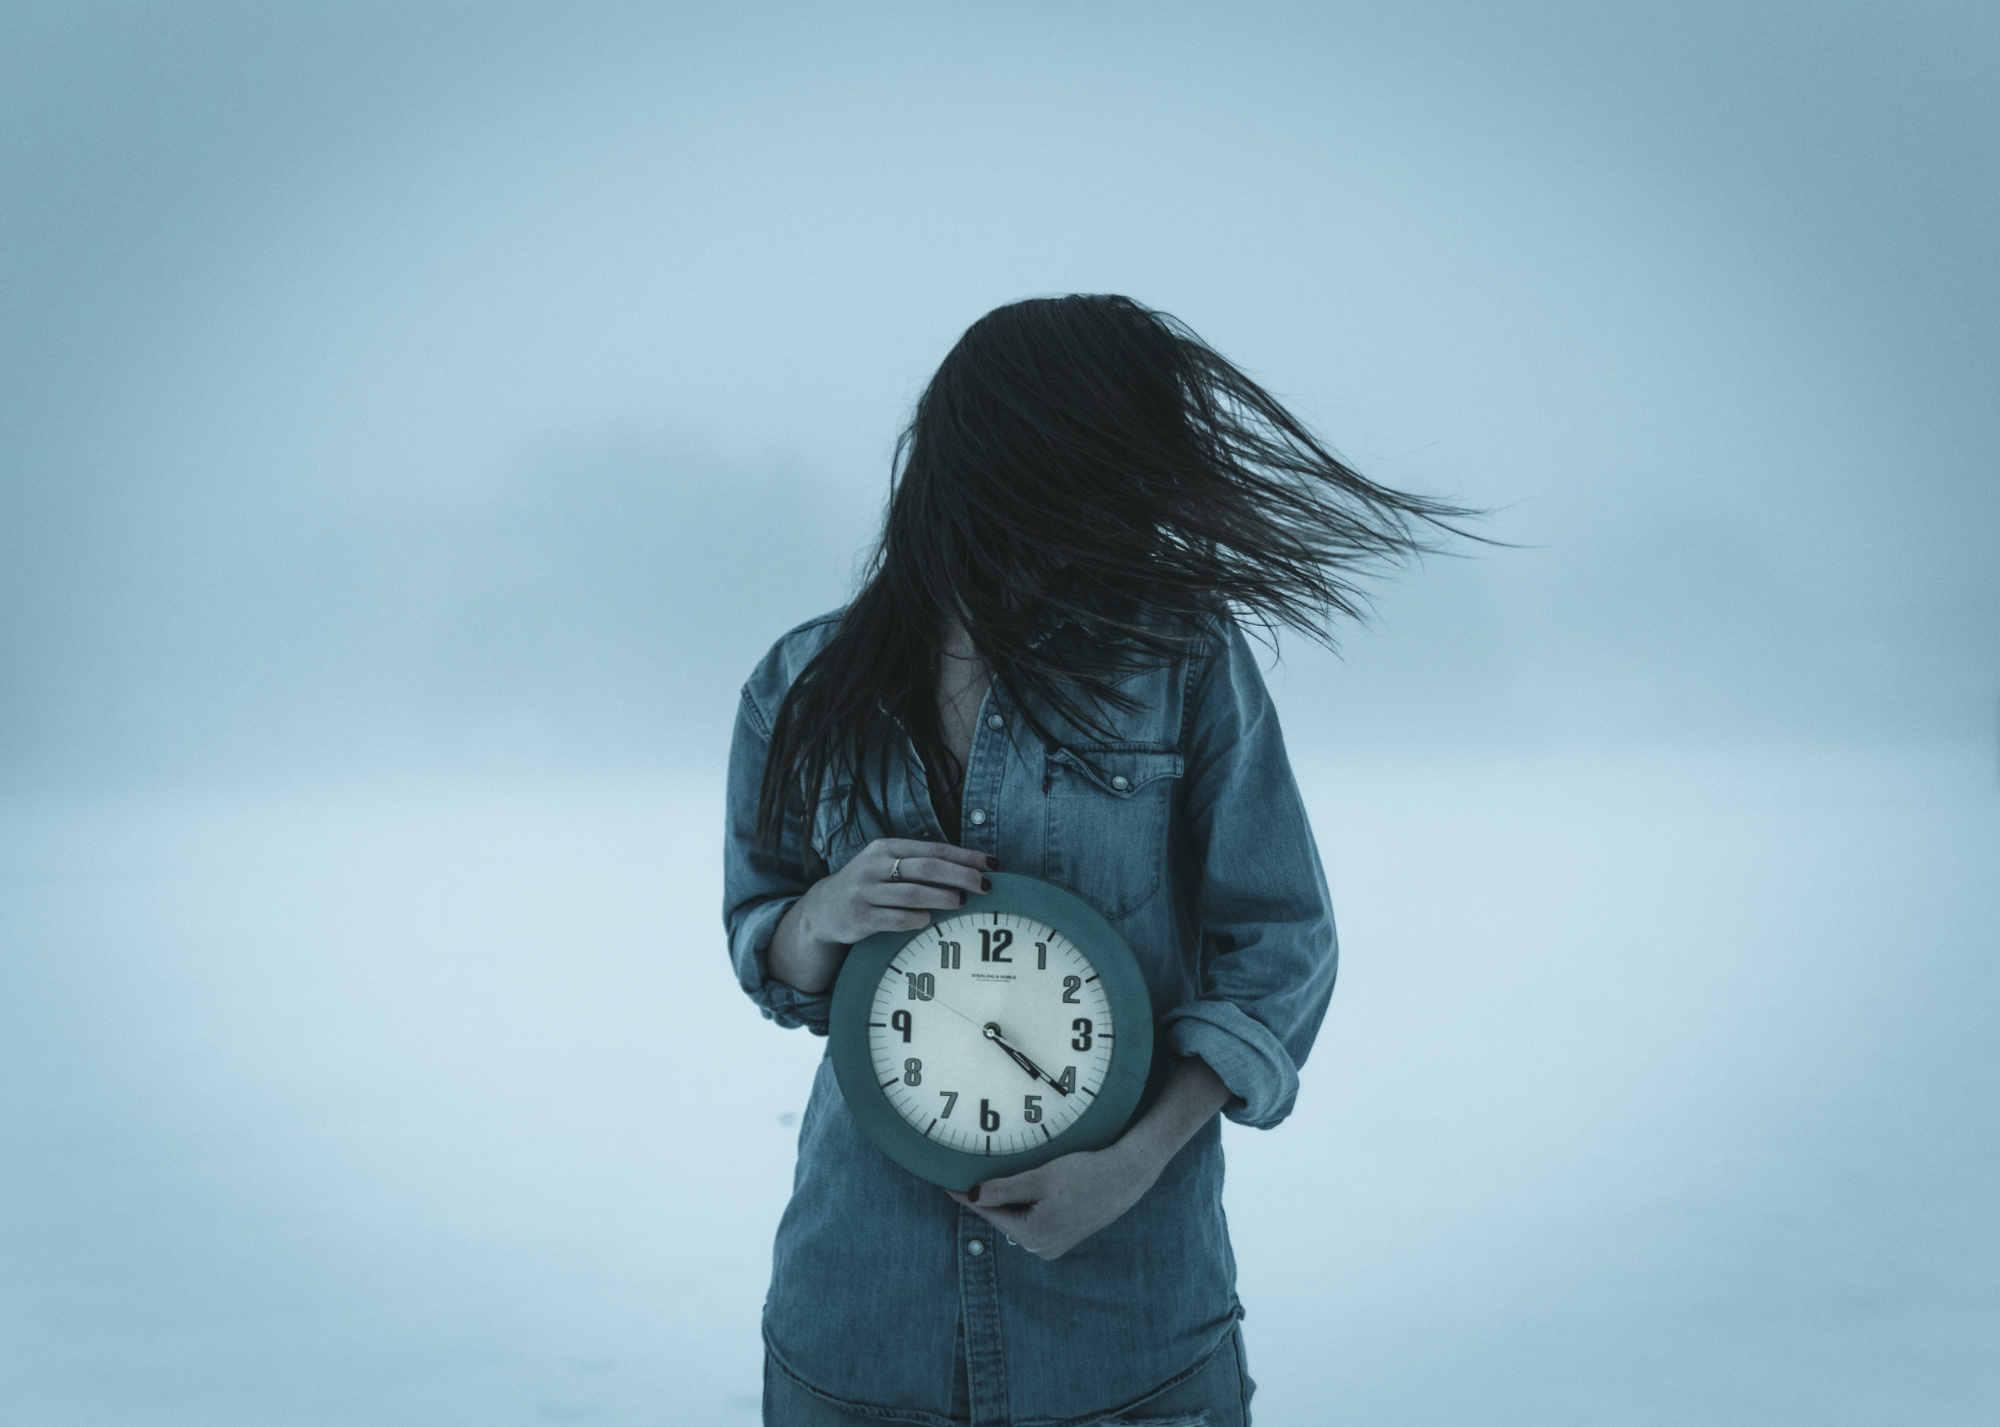 L'horloge centrale est située dans l'hypothalamus